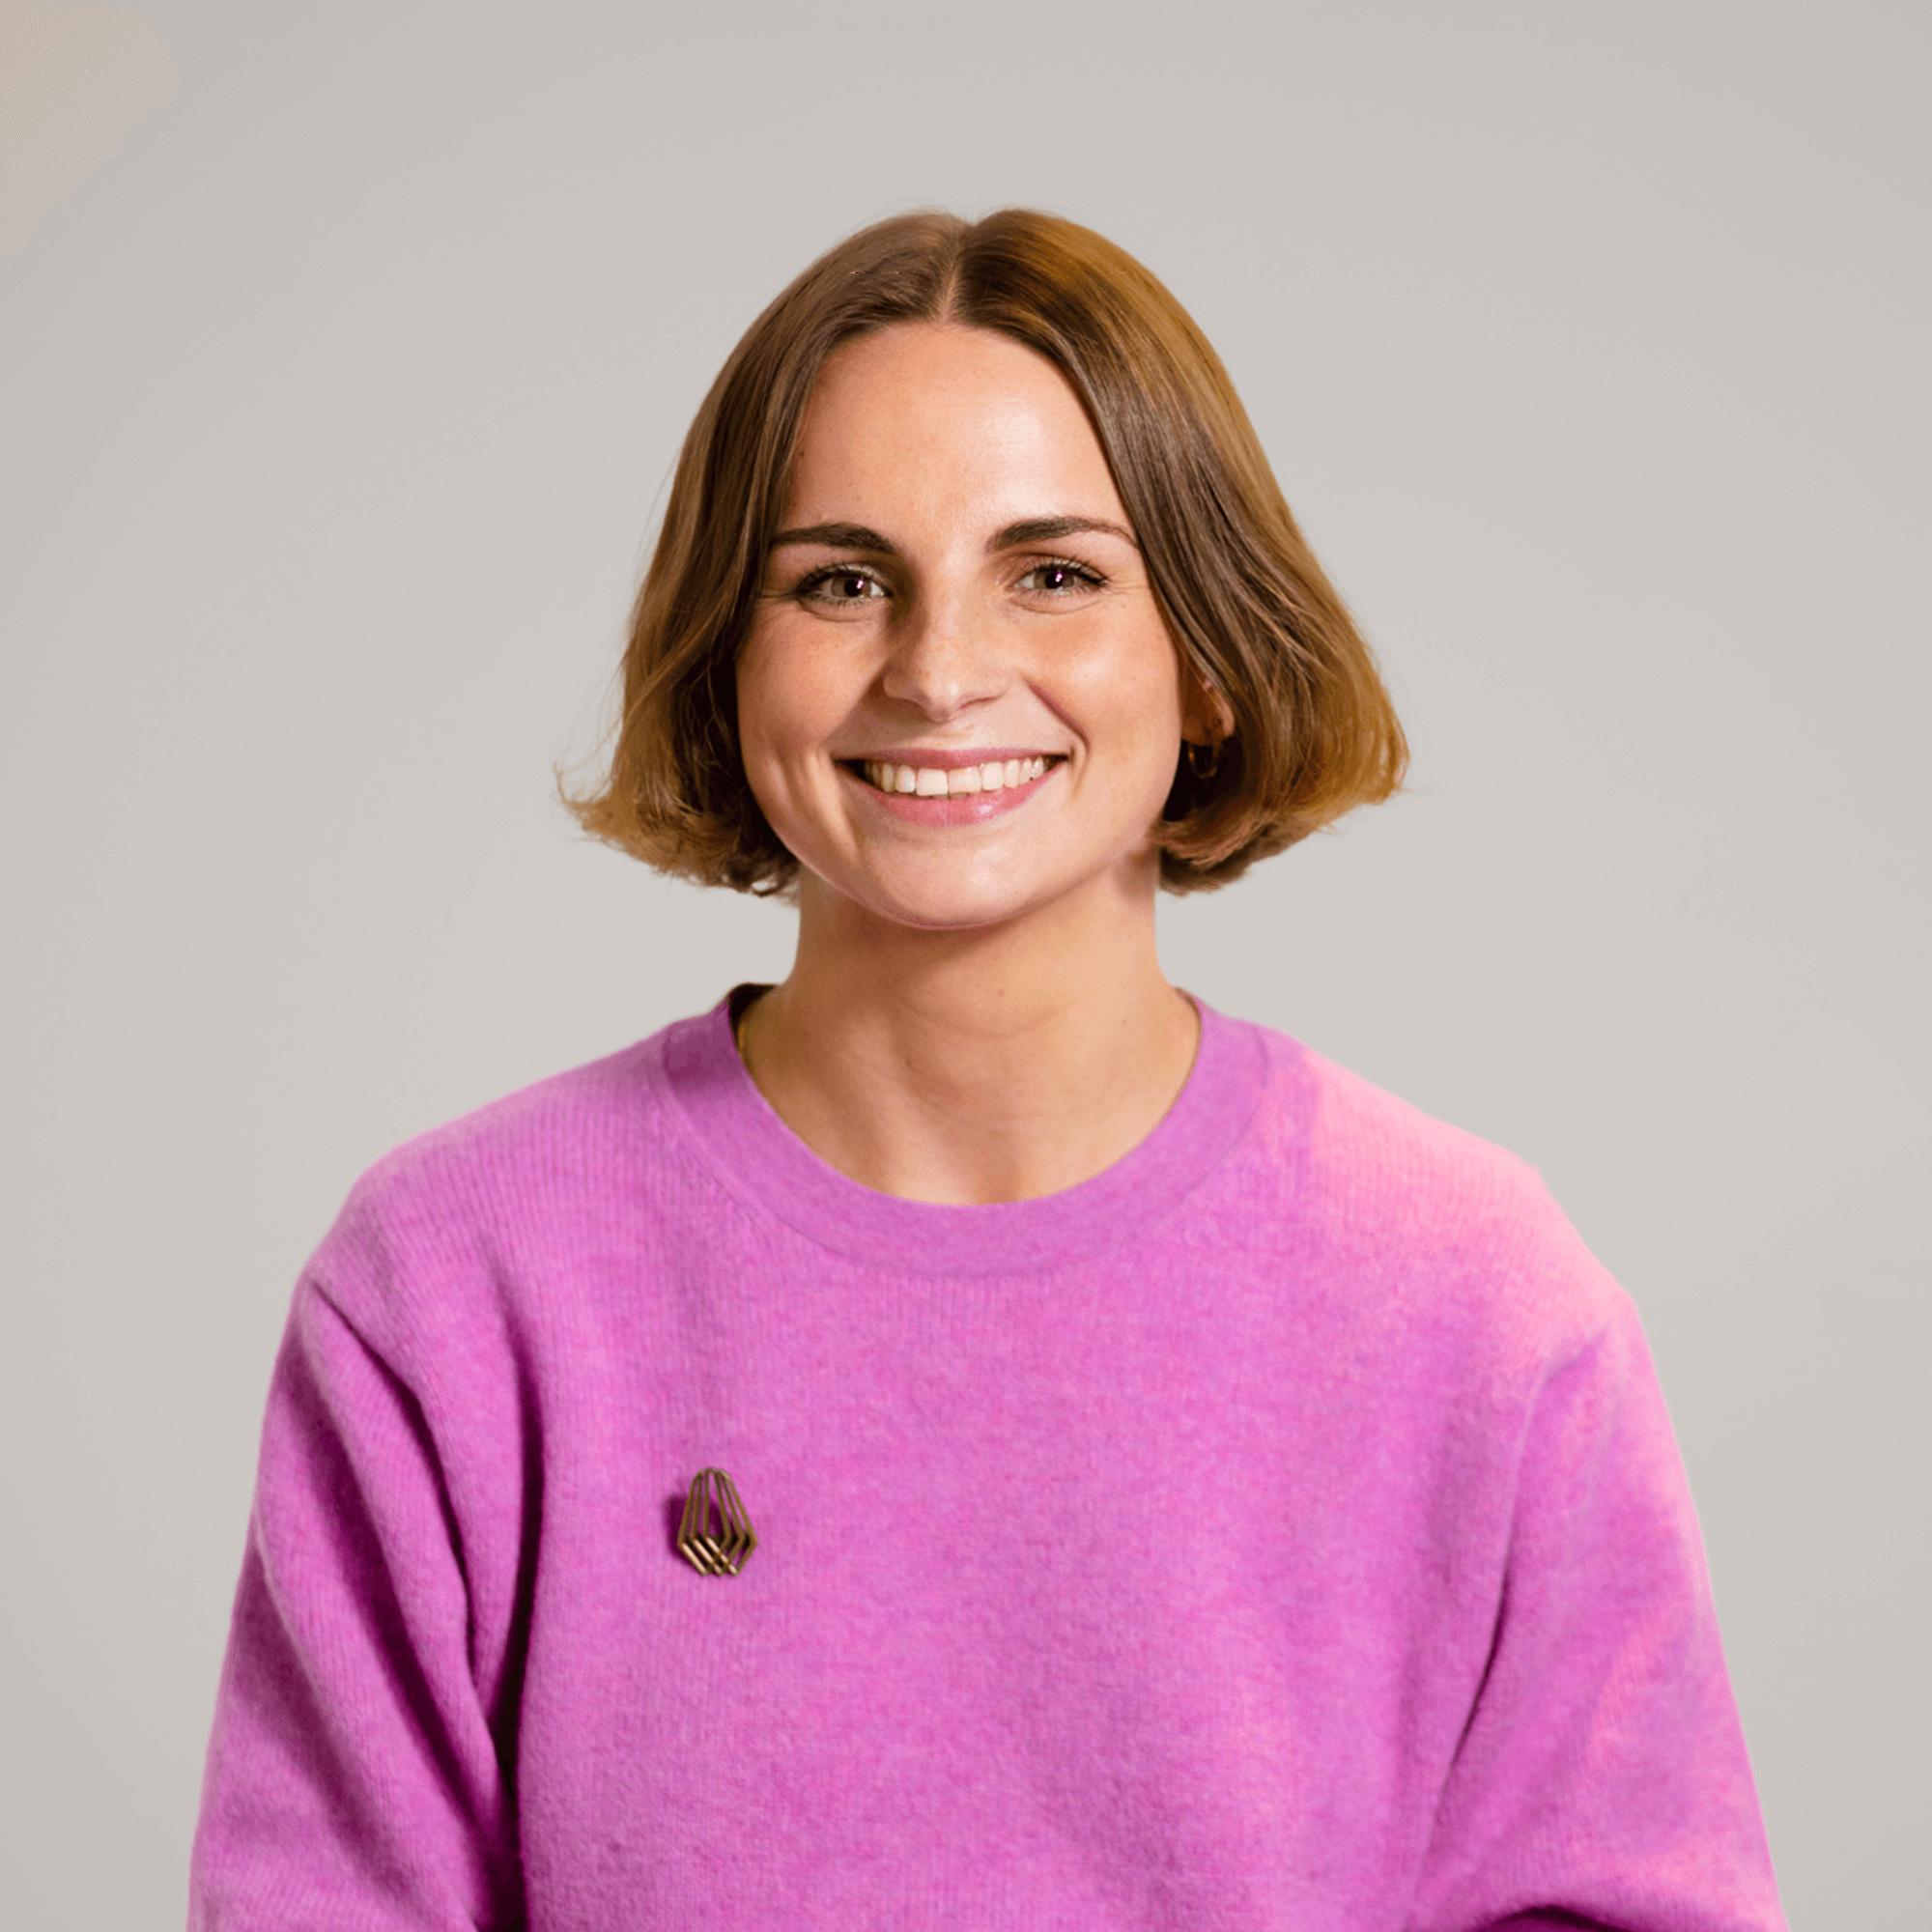 Julie Engelen